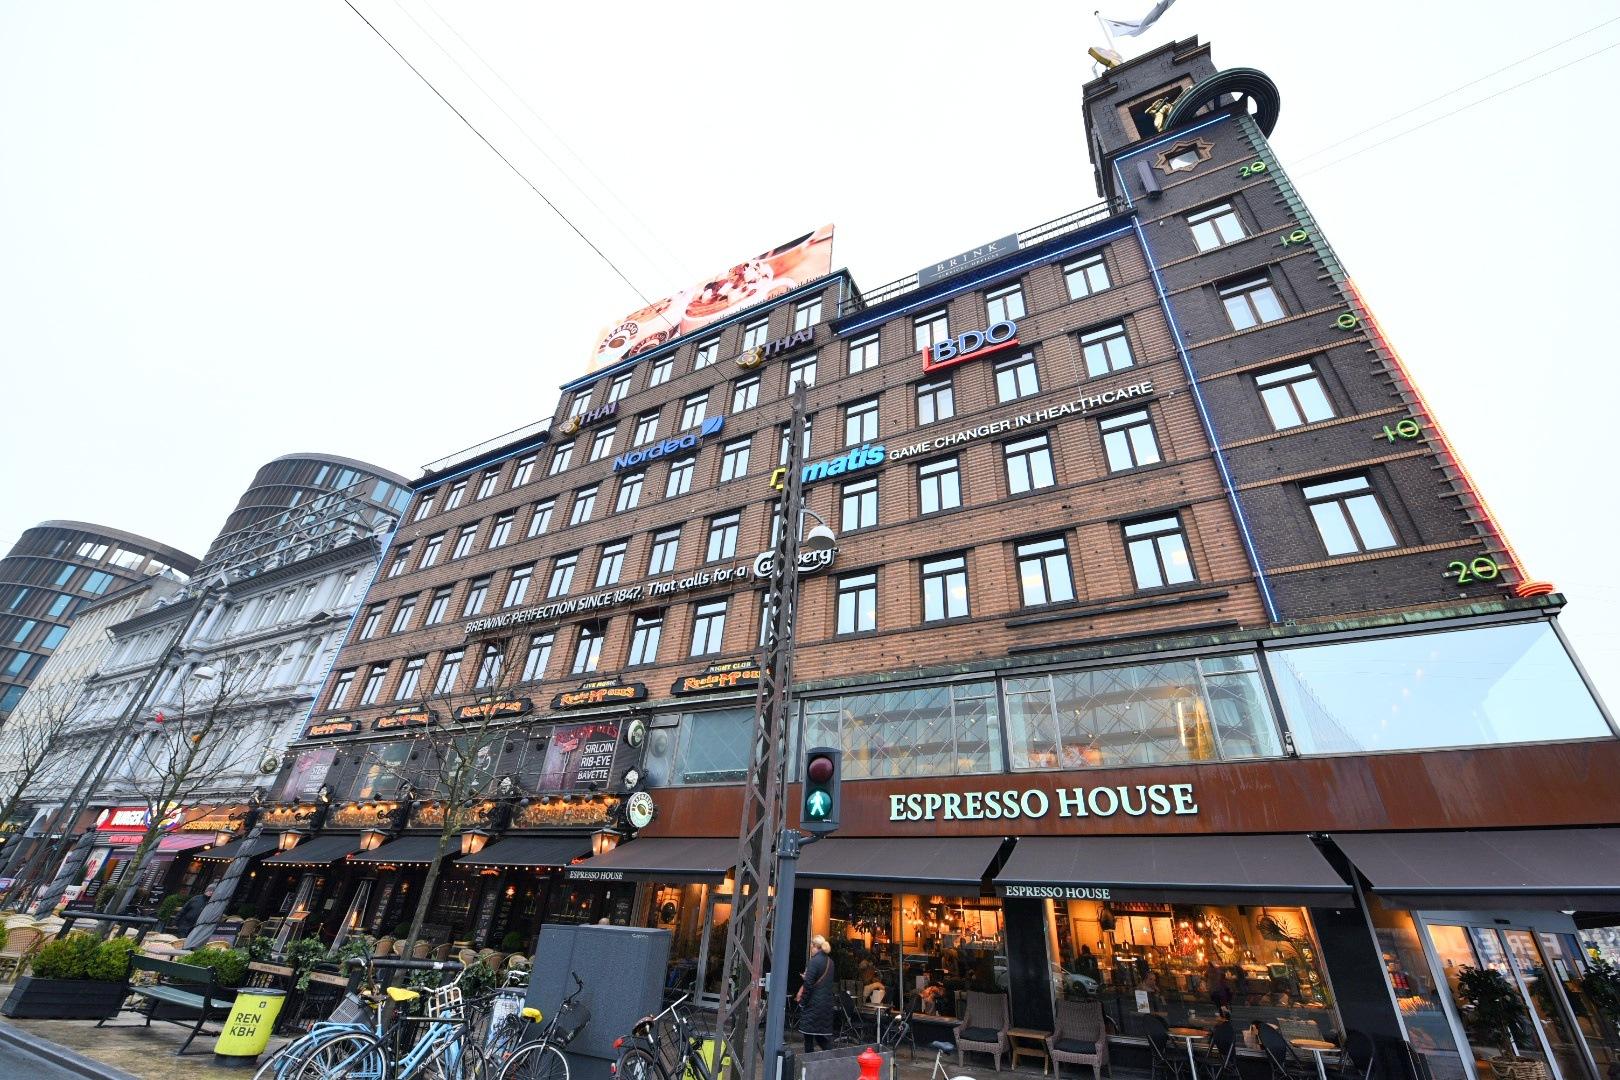 Copenhagen 99! by Memed Bayatli